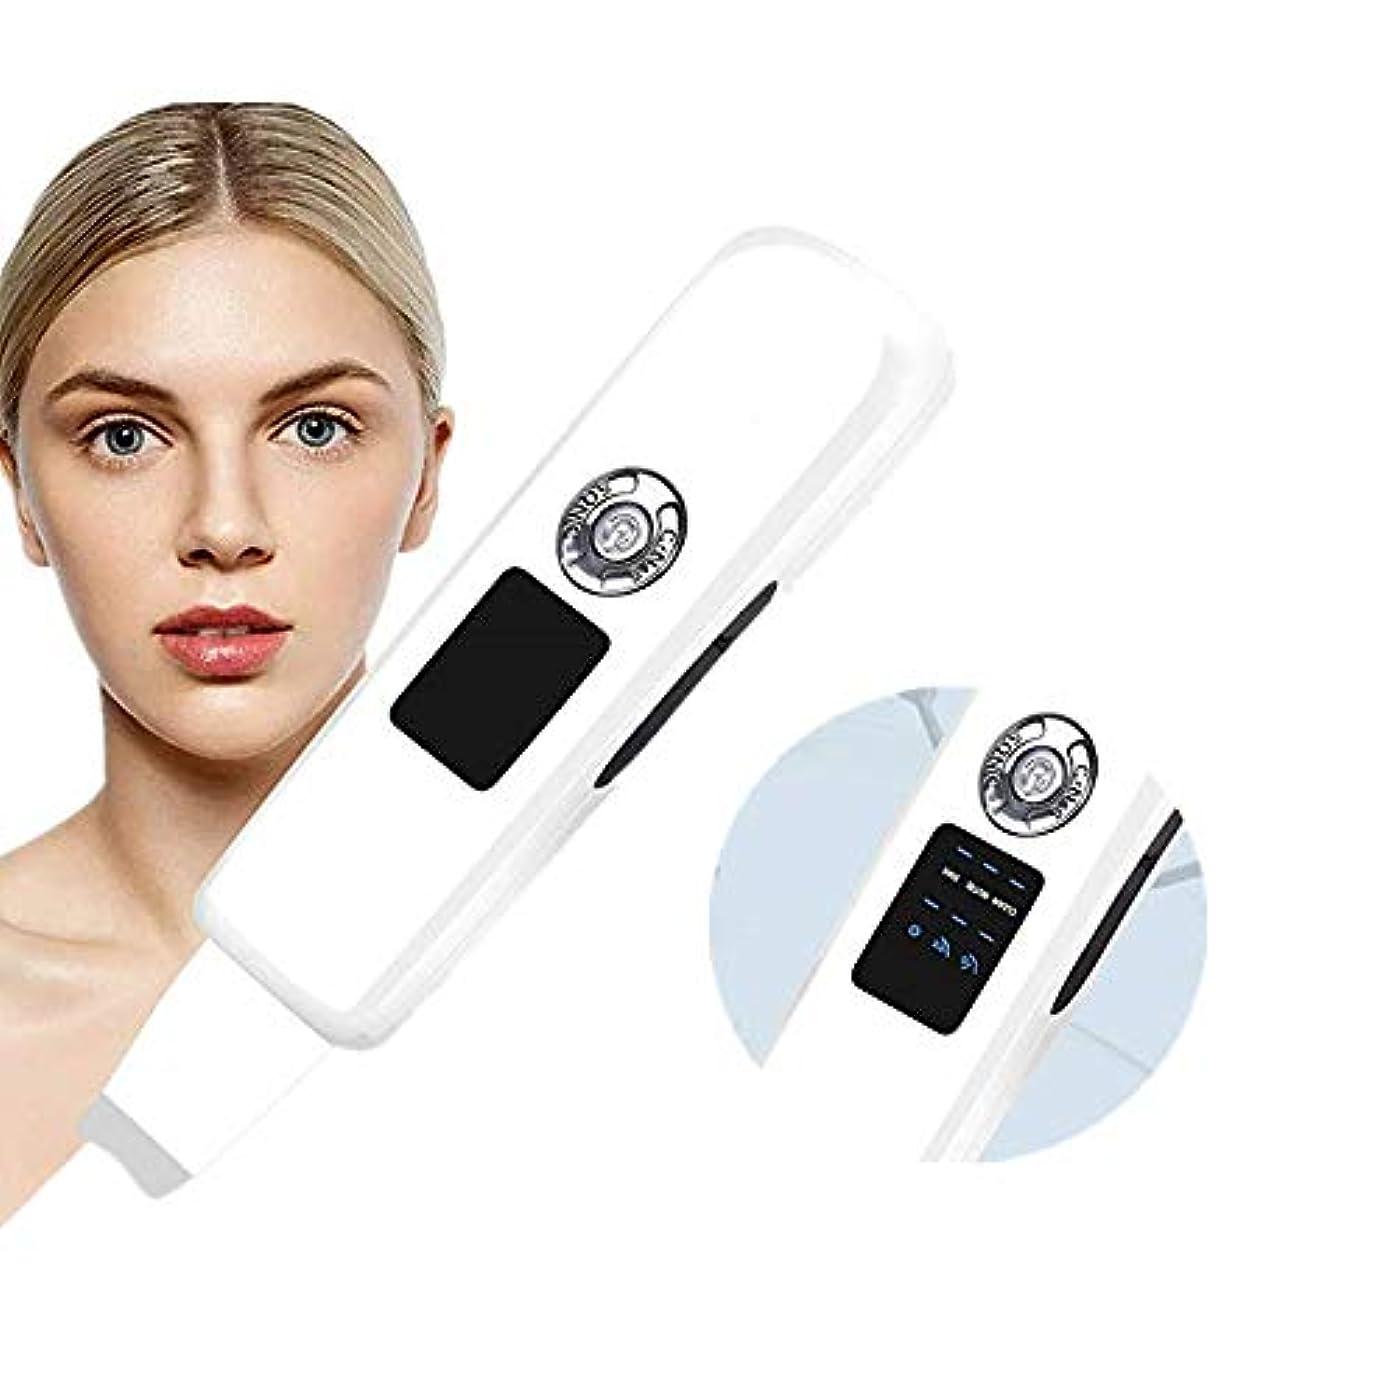 亡命没頭する西部顔の皮膚スクラバー、ジェントルは男性女性ネックホワイトニングTighting若返りのためのリフティング&ファーミングツール、ブラックヘッドコメド毛穴クリーナー死んだ皮膚角質層の抽出を削除します